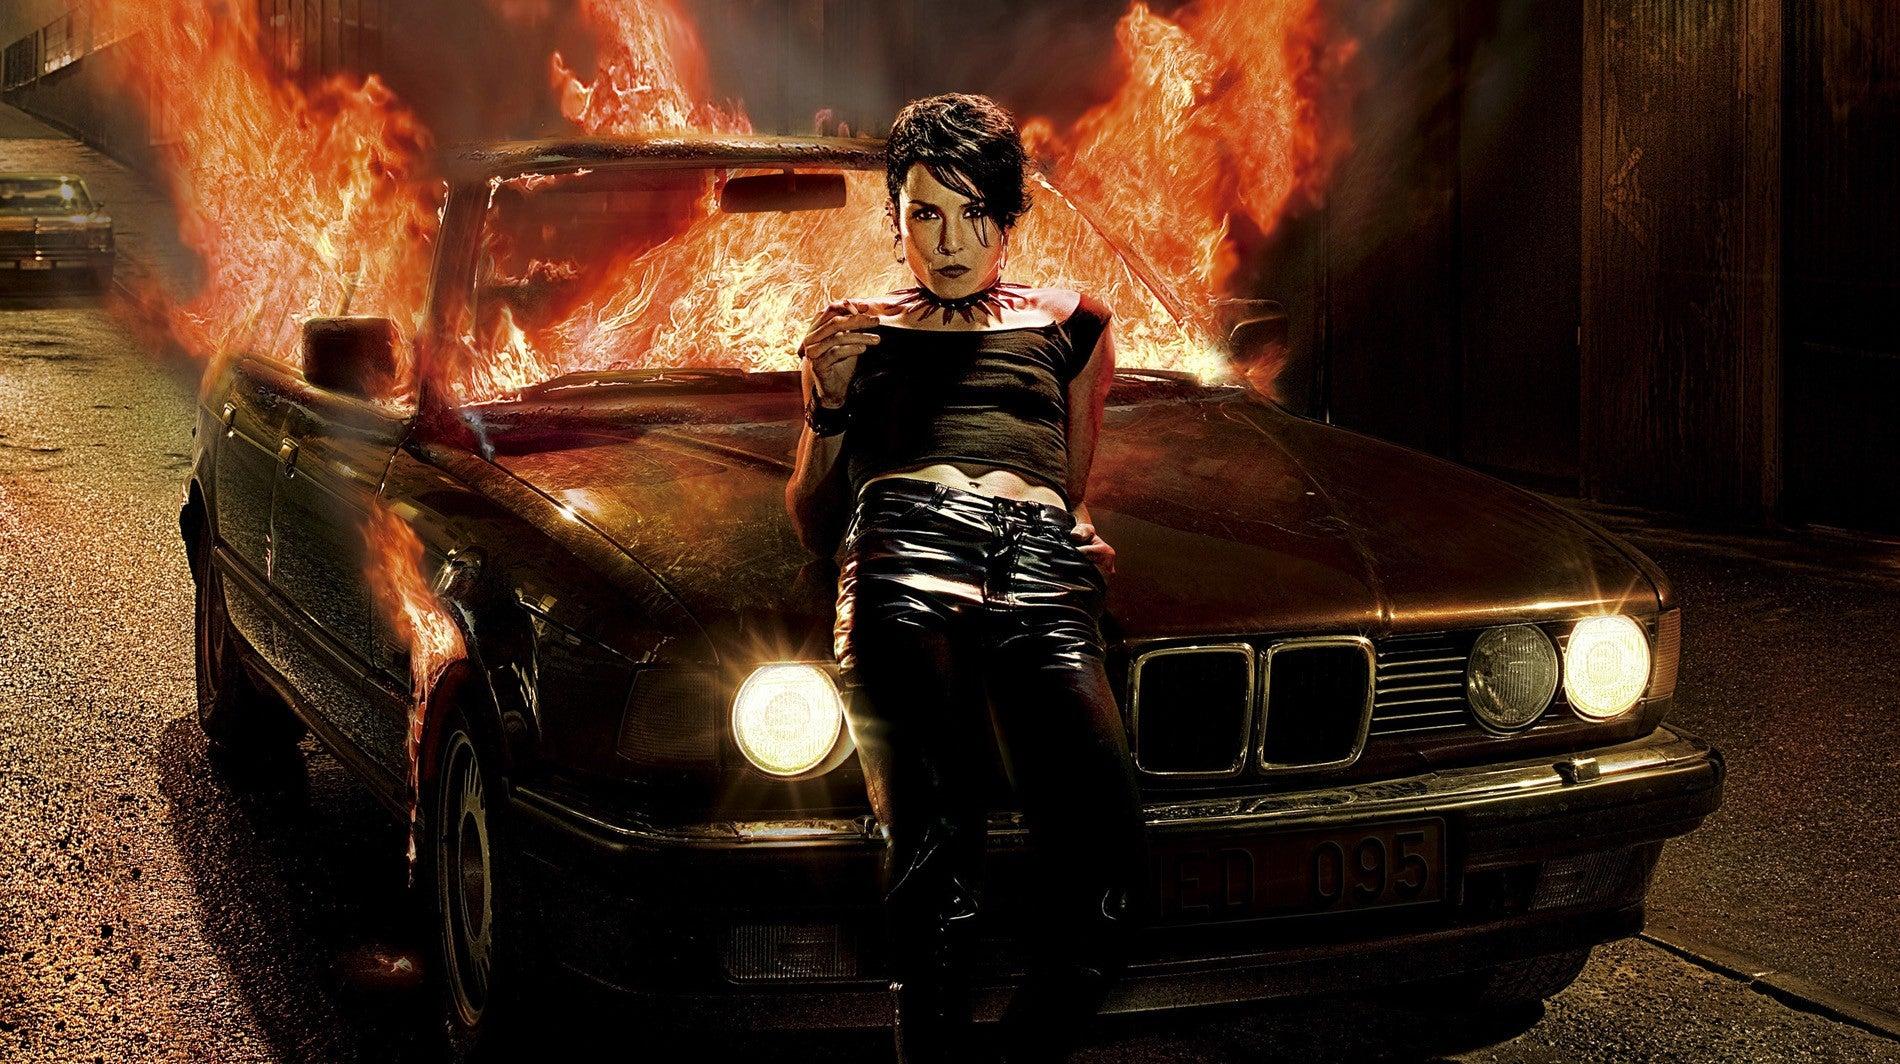 Millennium 2: A Rapariga que Sonhava com uma Lata de Gasolina e um Fósforo